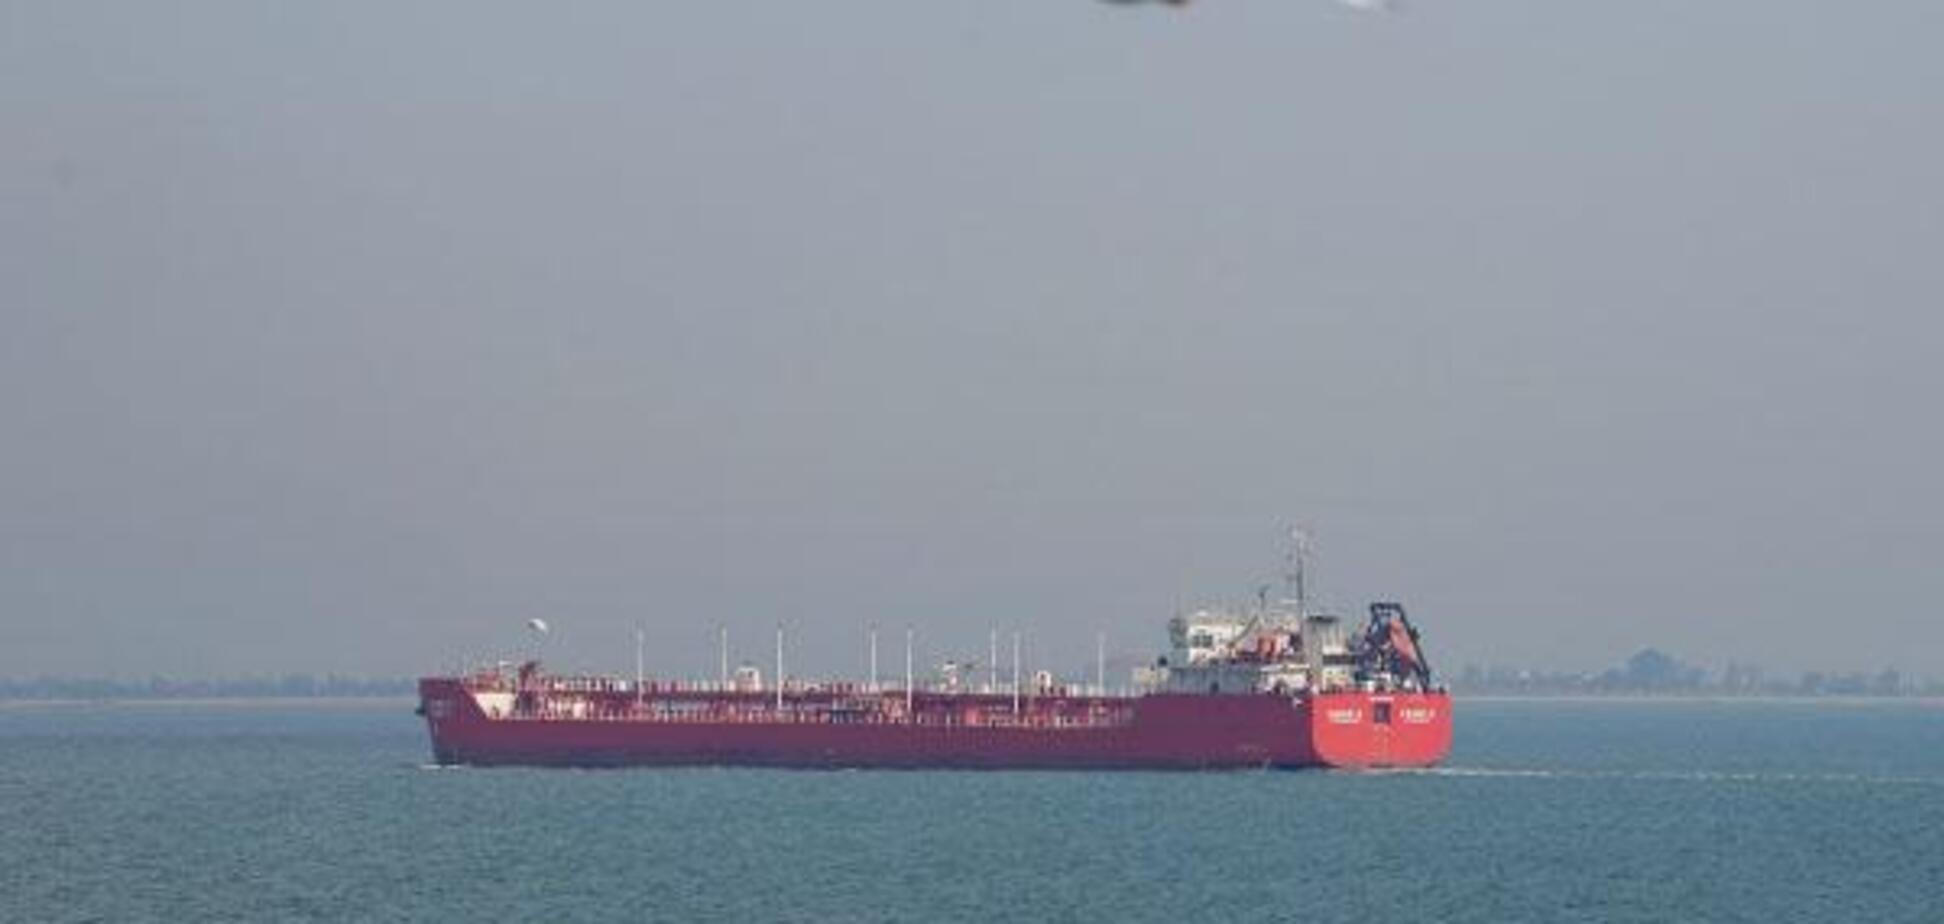 ФСБ знову затримала кораблі в Азовському морі